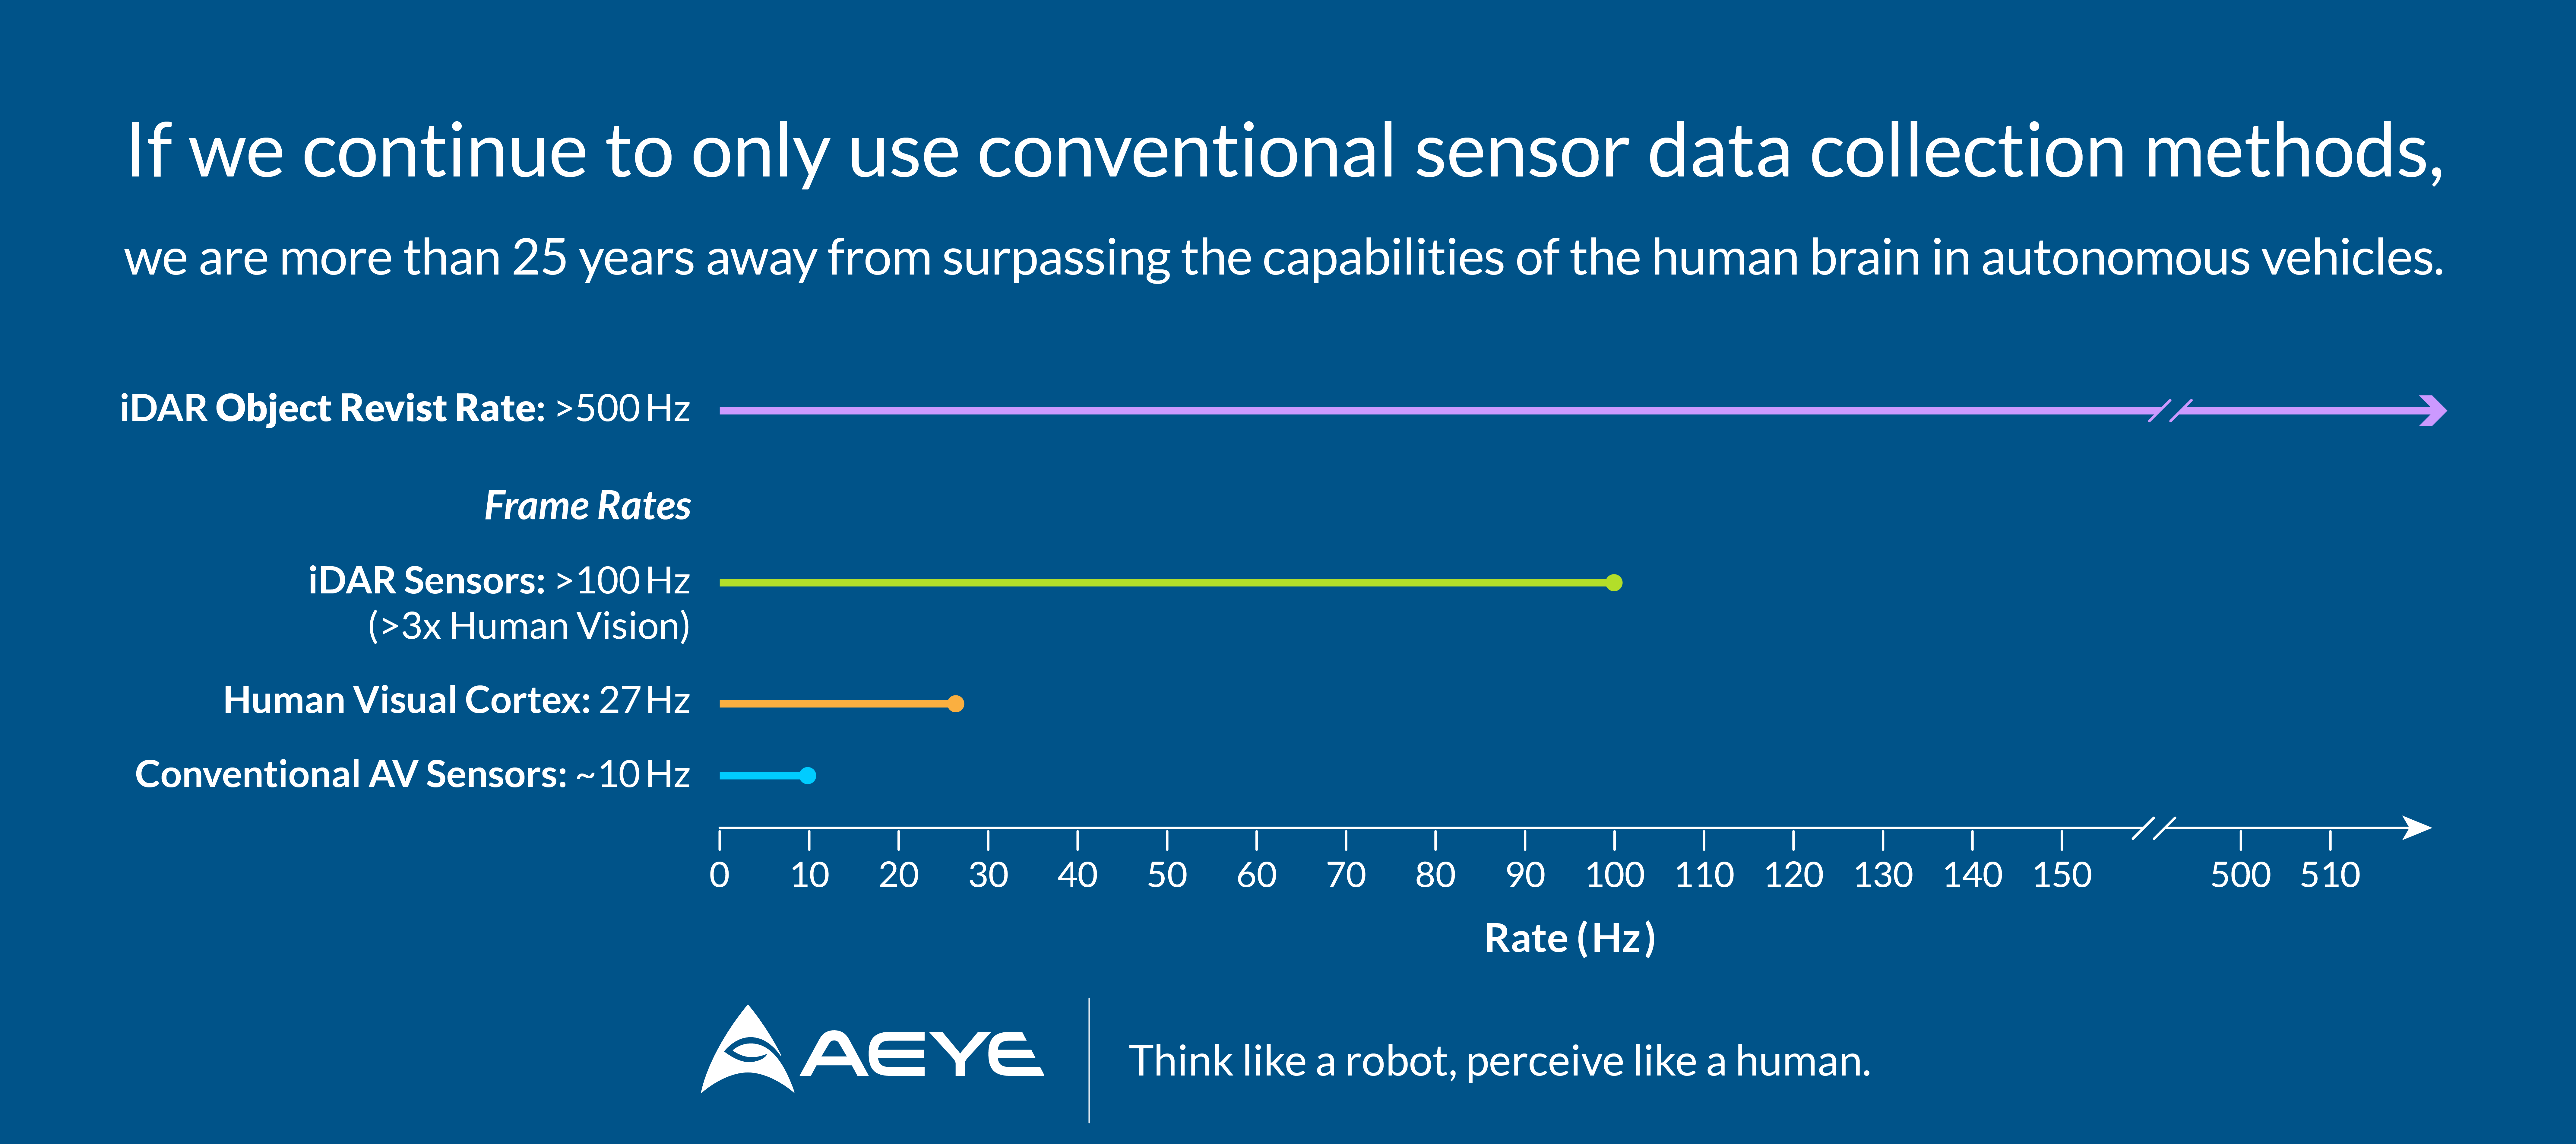 AV Sensor Frame Rates Compared 2019